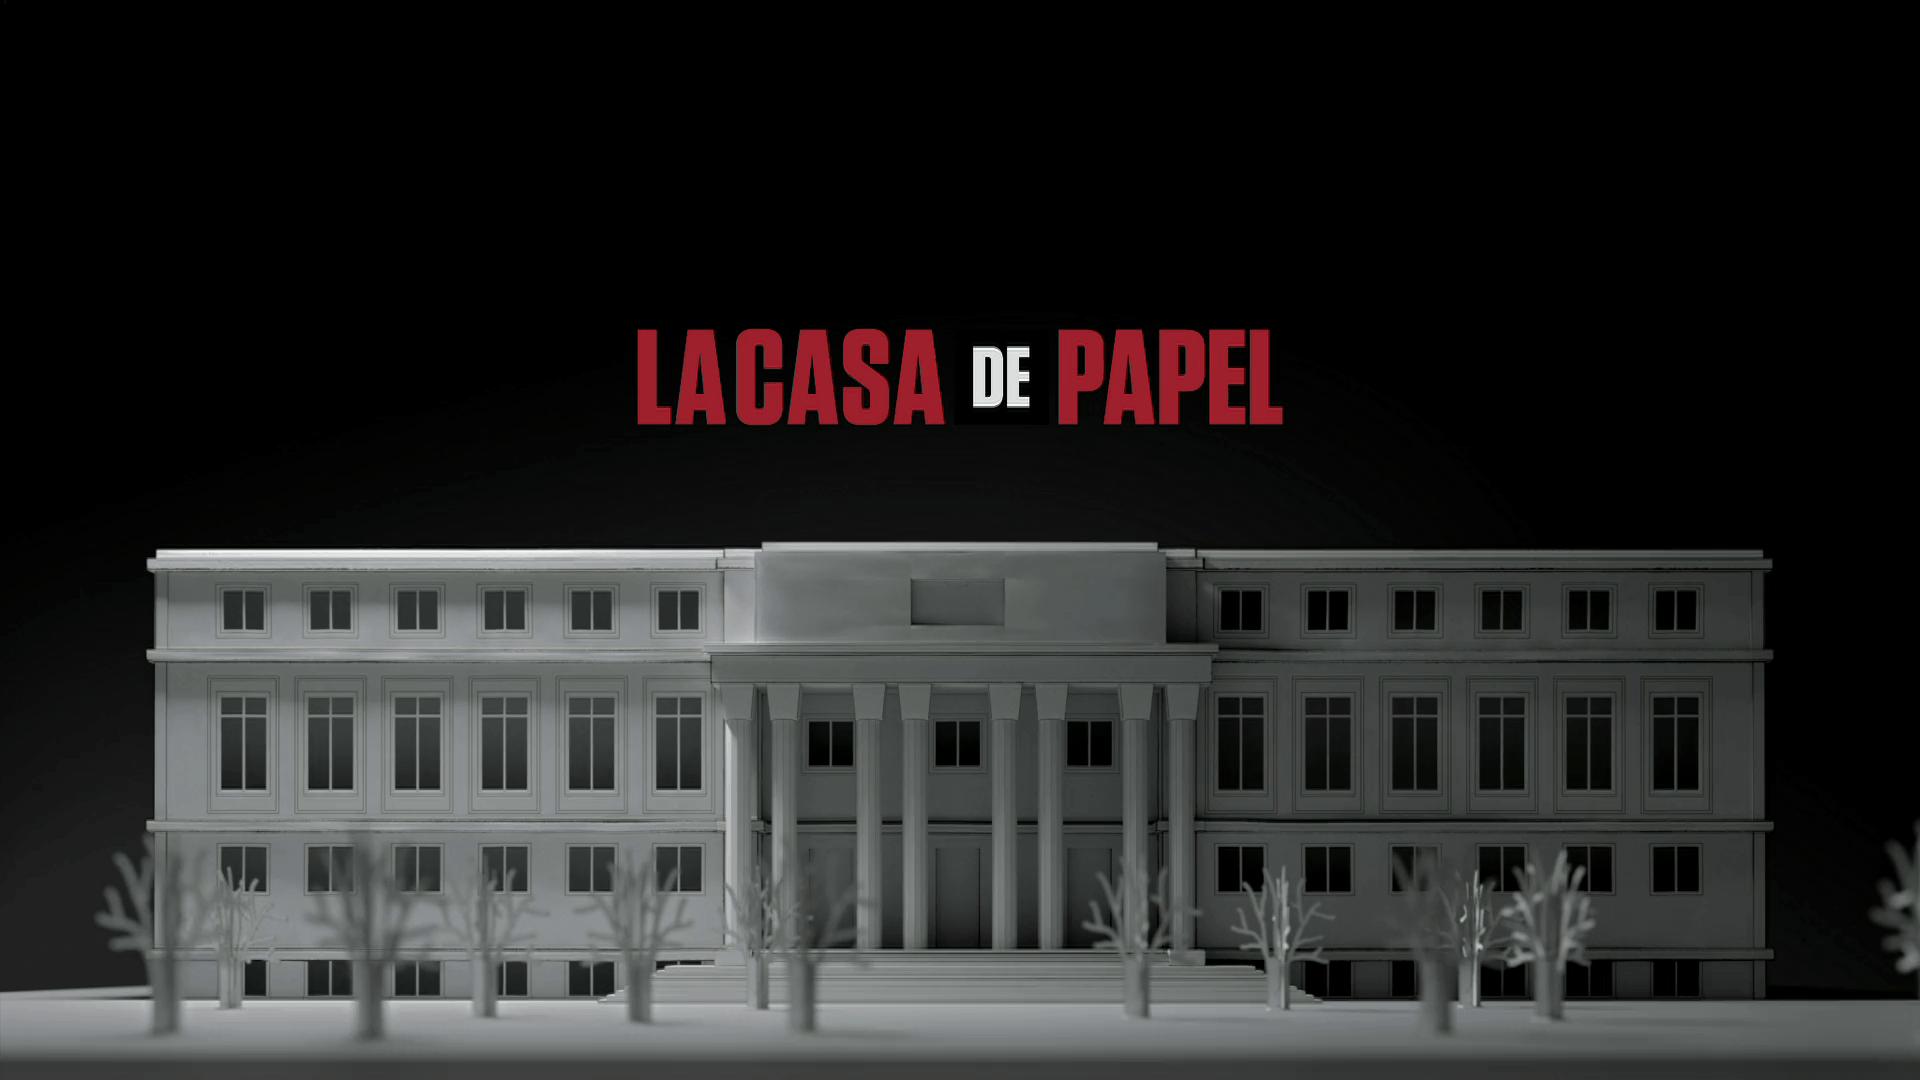 La Casa De Papel Wallpaper Cave